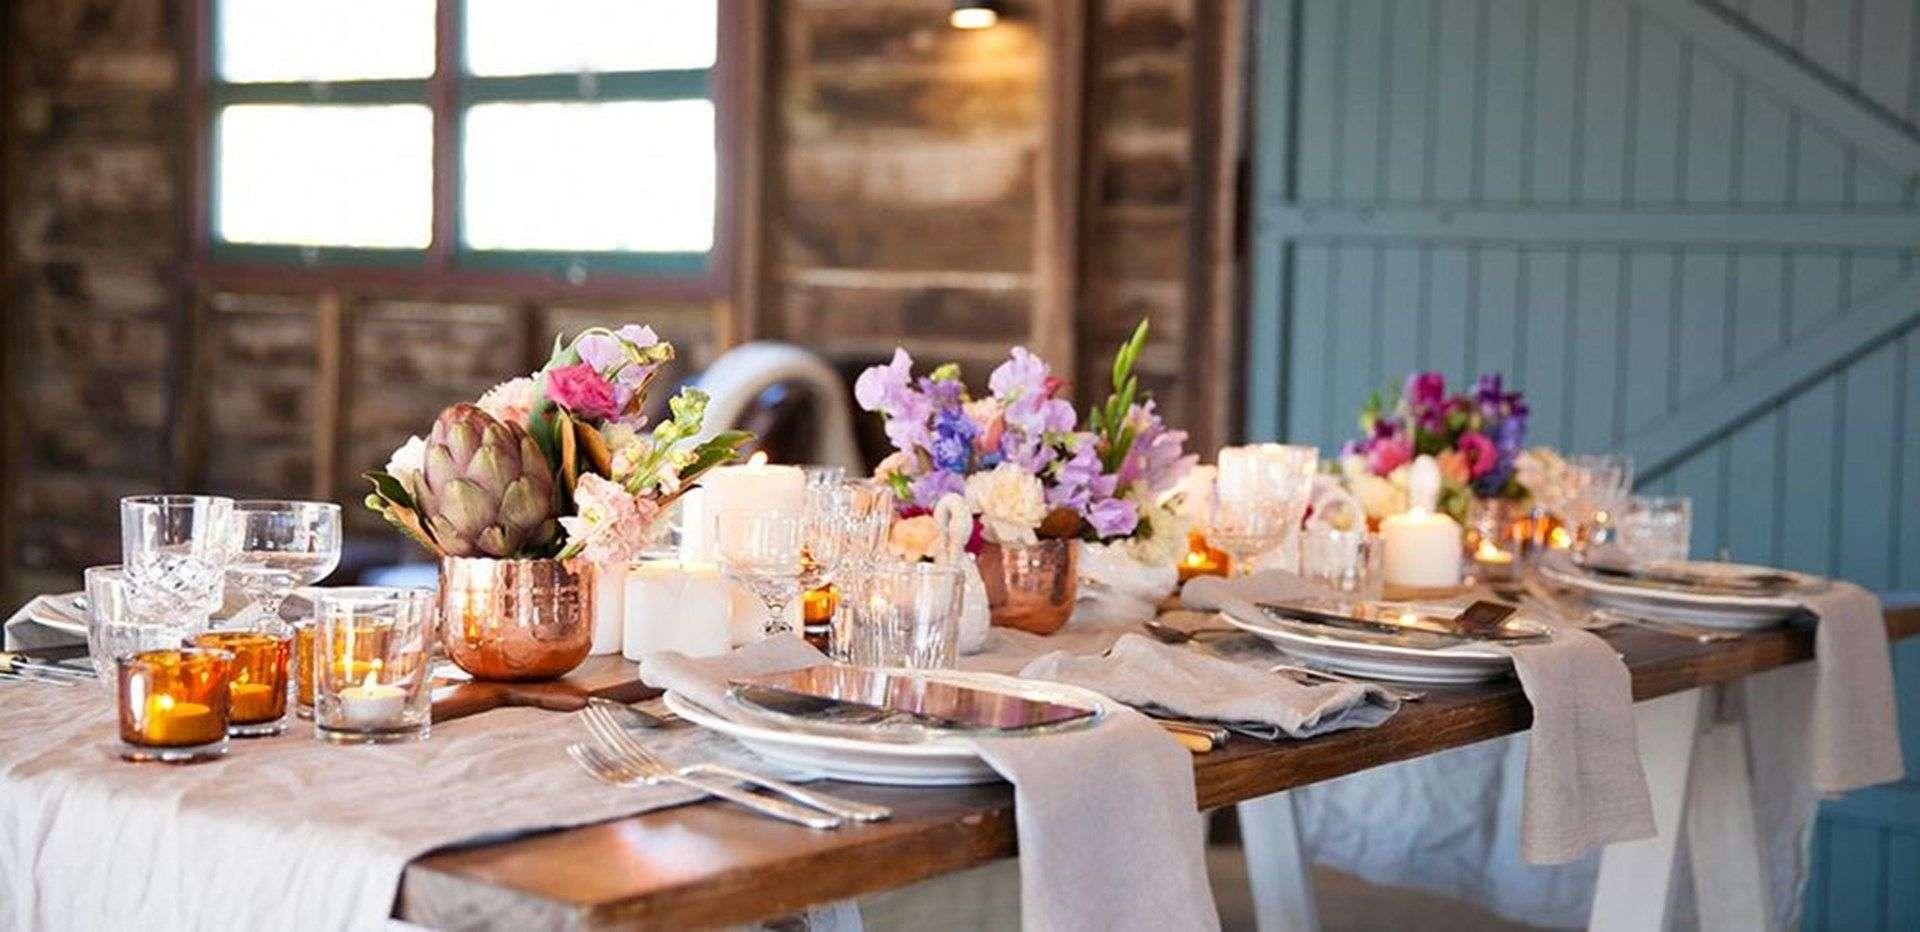 Wedding Venue - Spicers Hidden Vale - The Barn 4 on Veilability